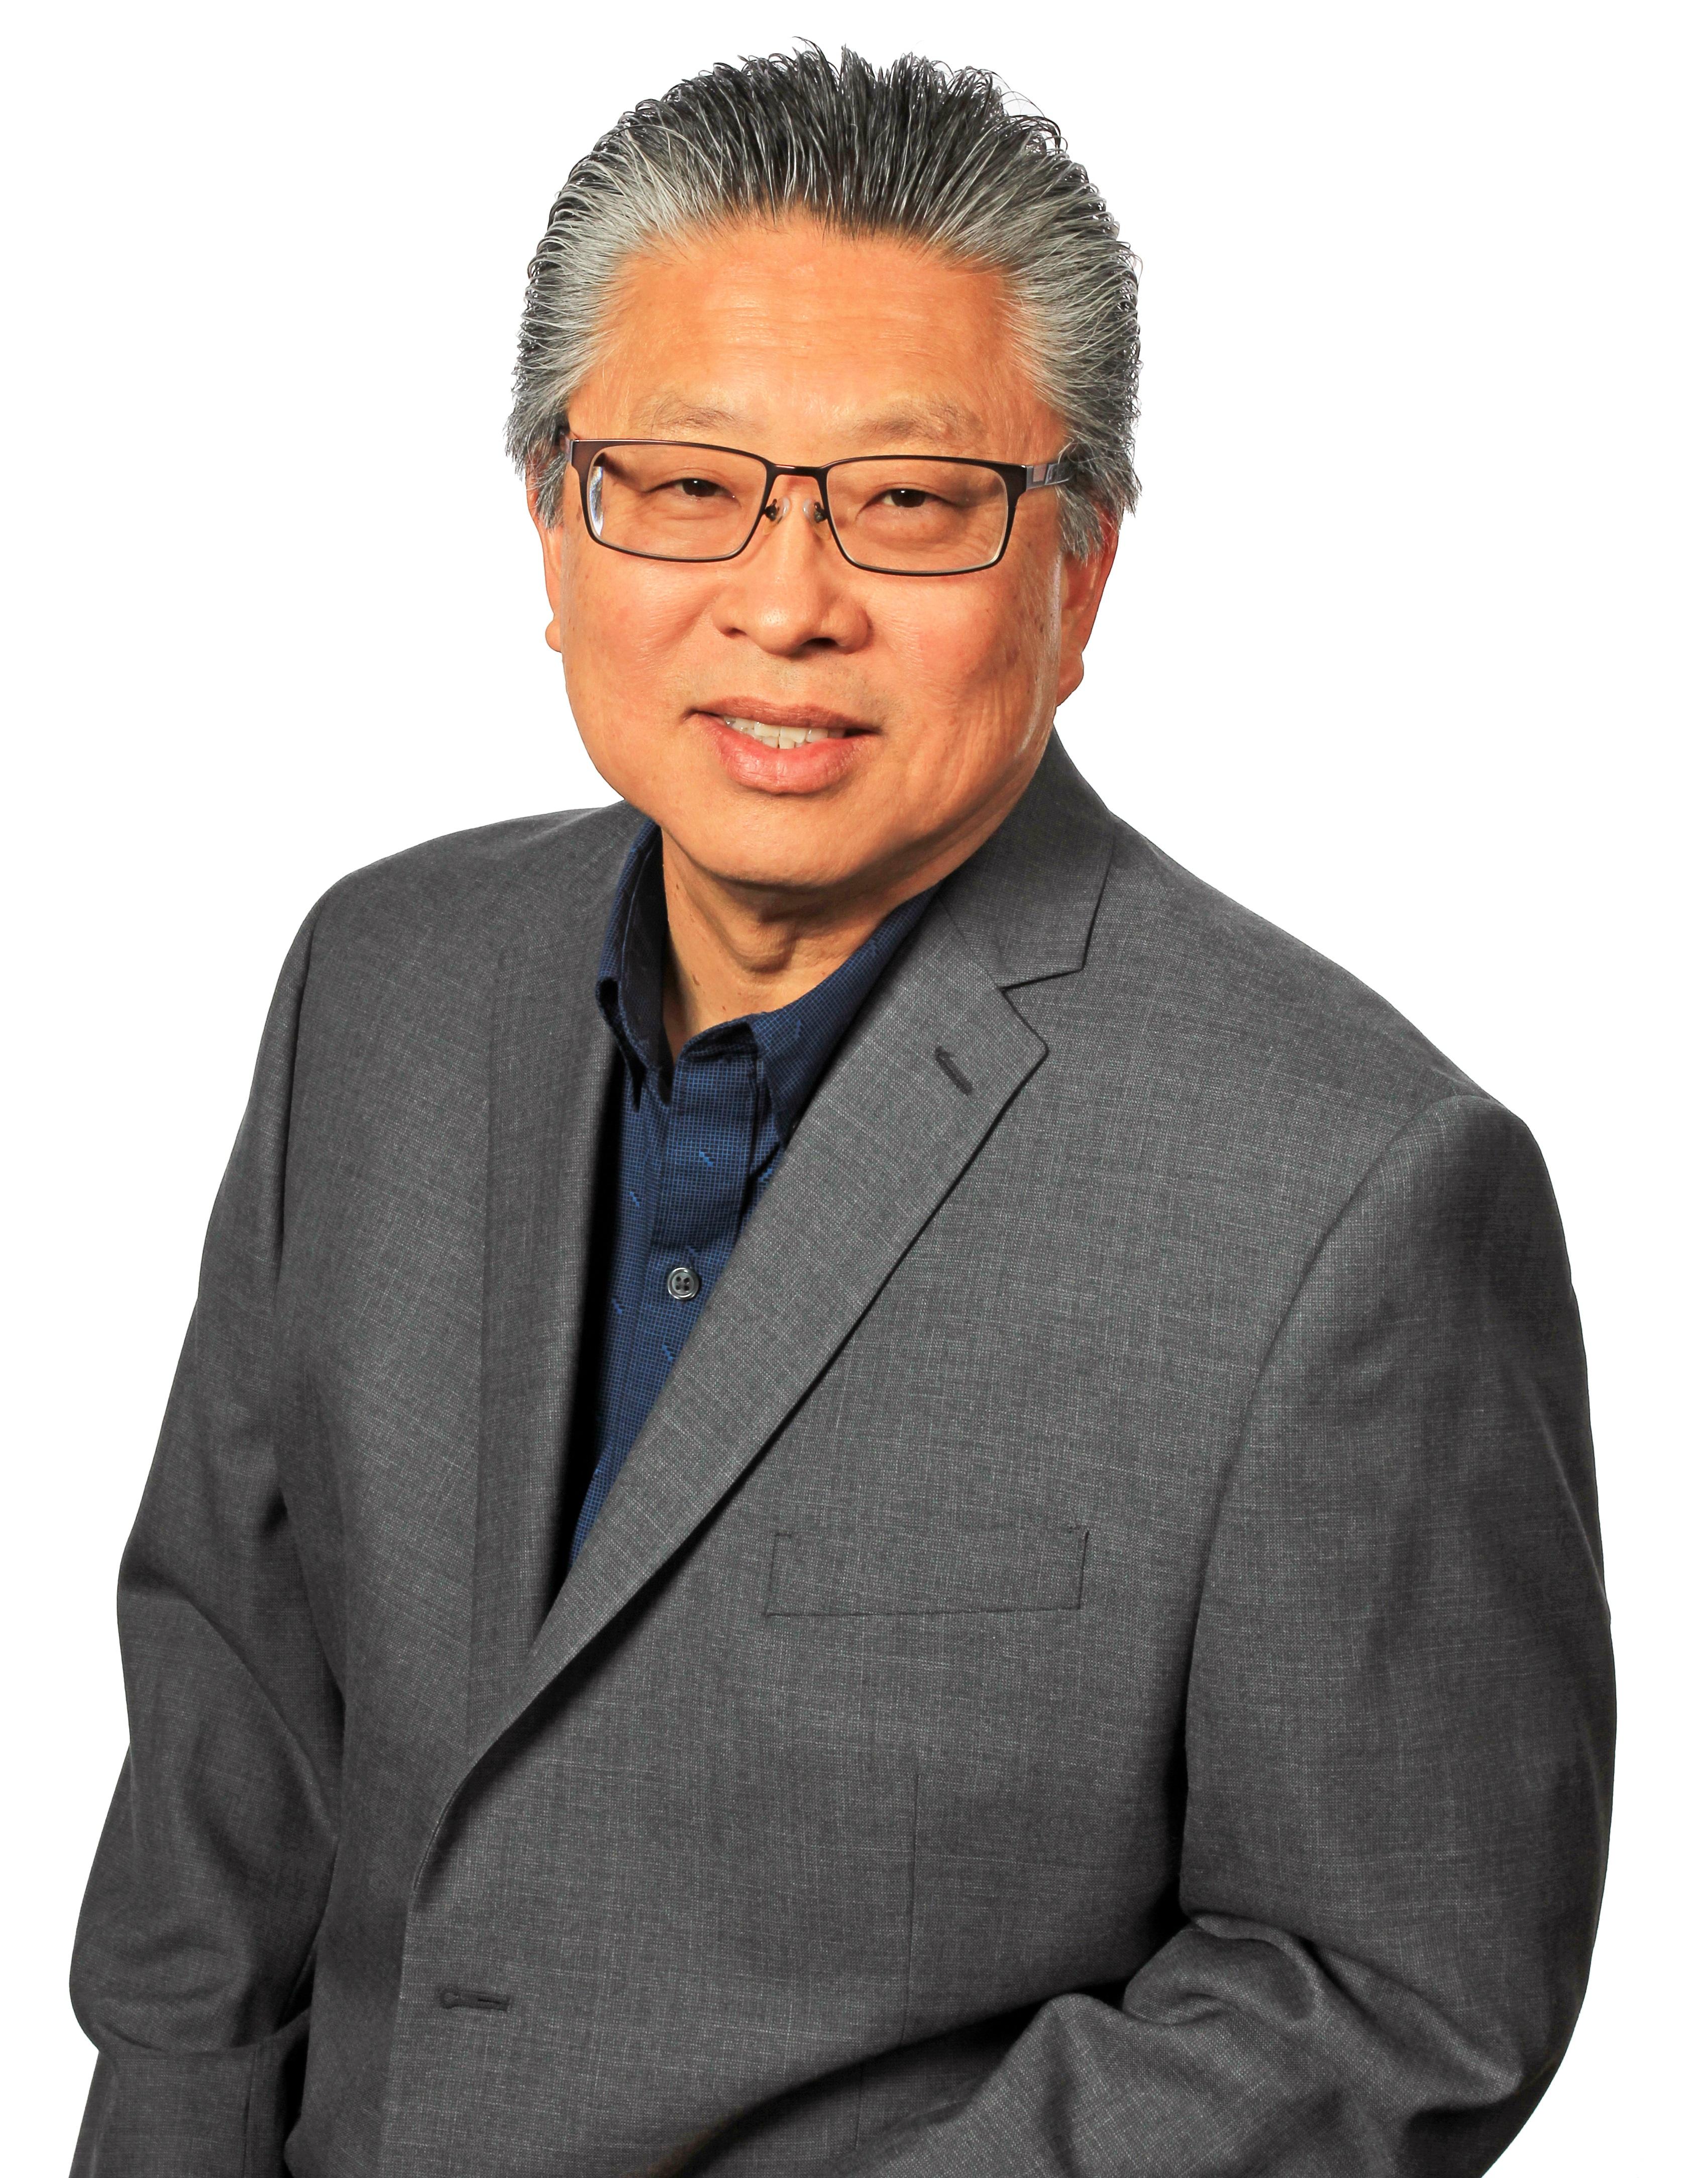 Laurence Kumura